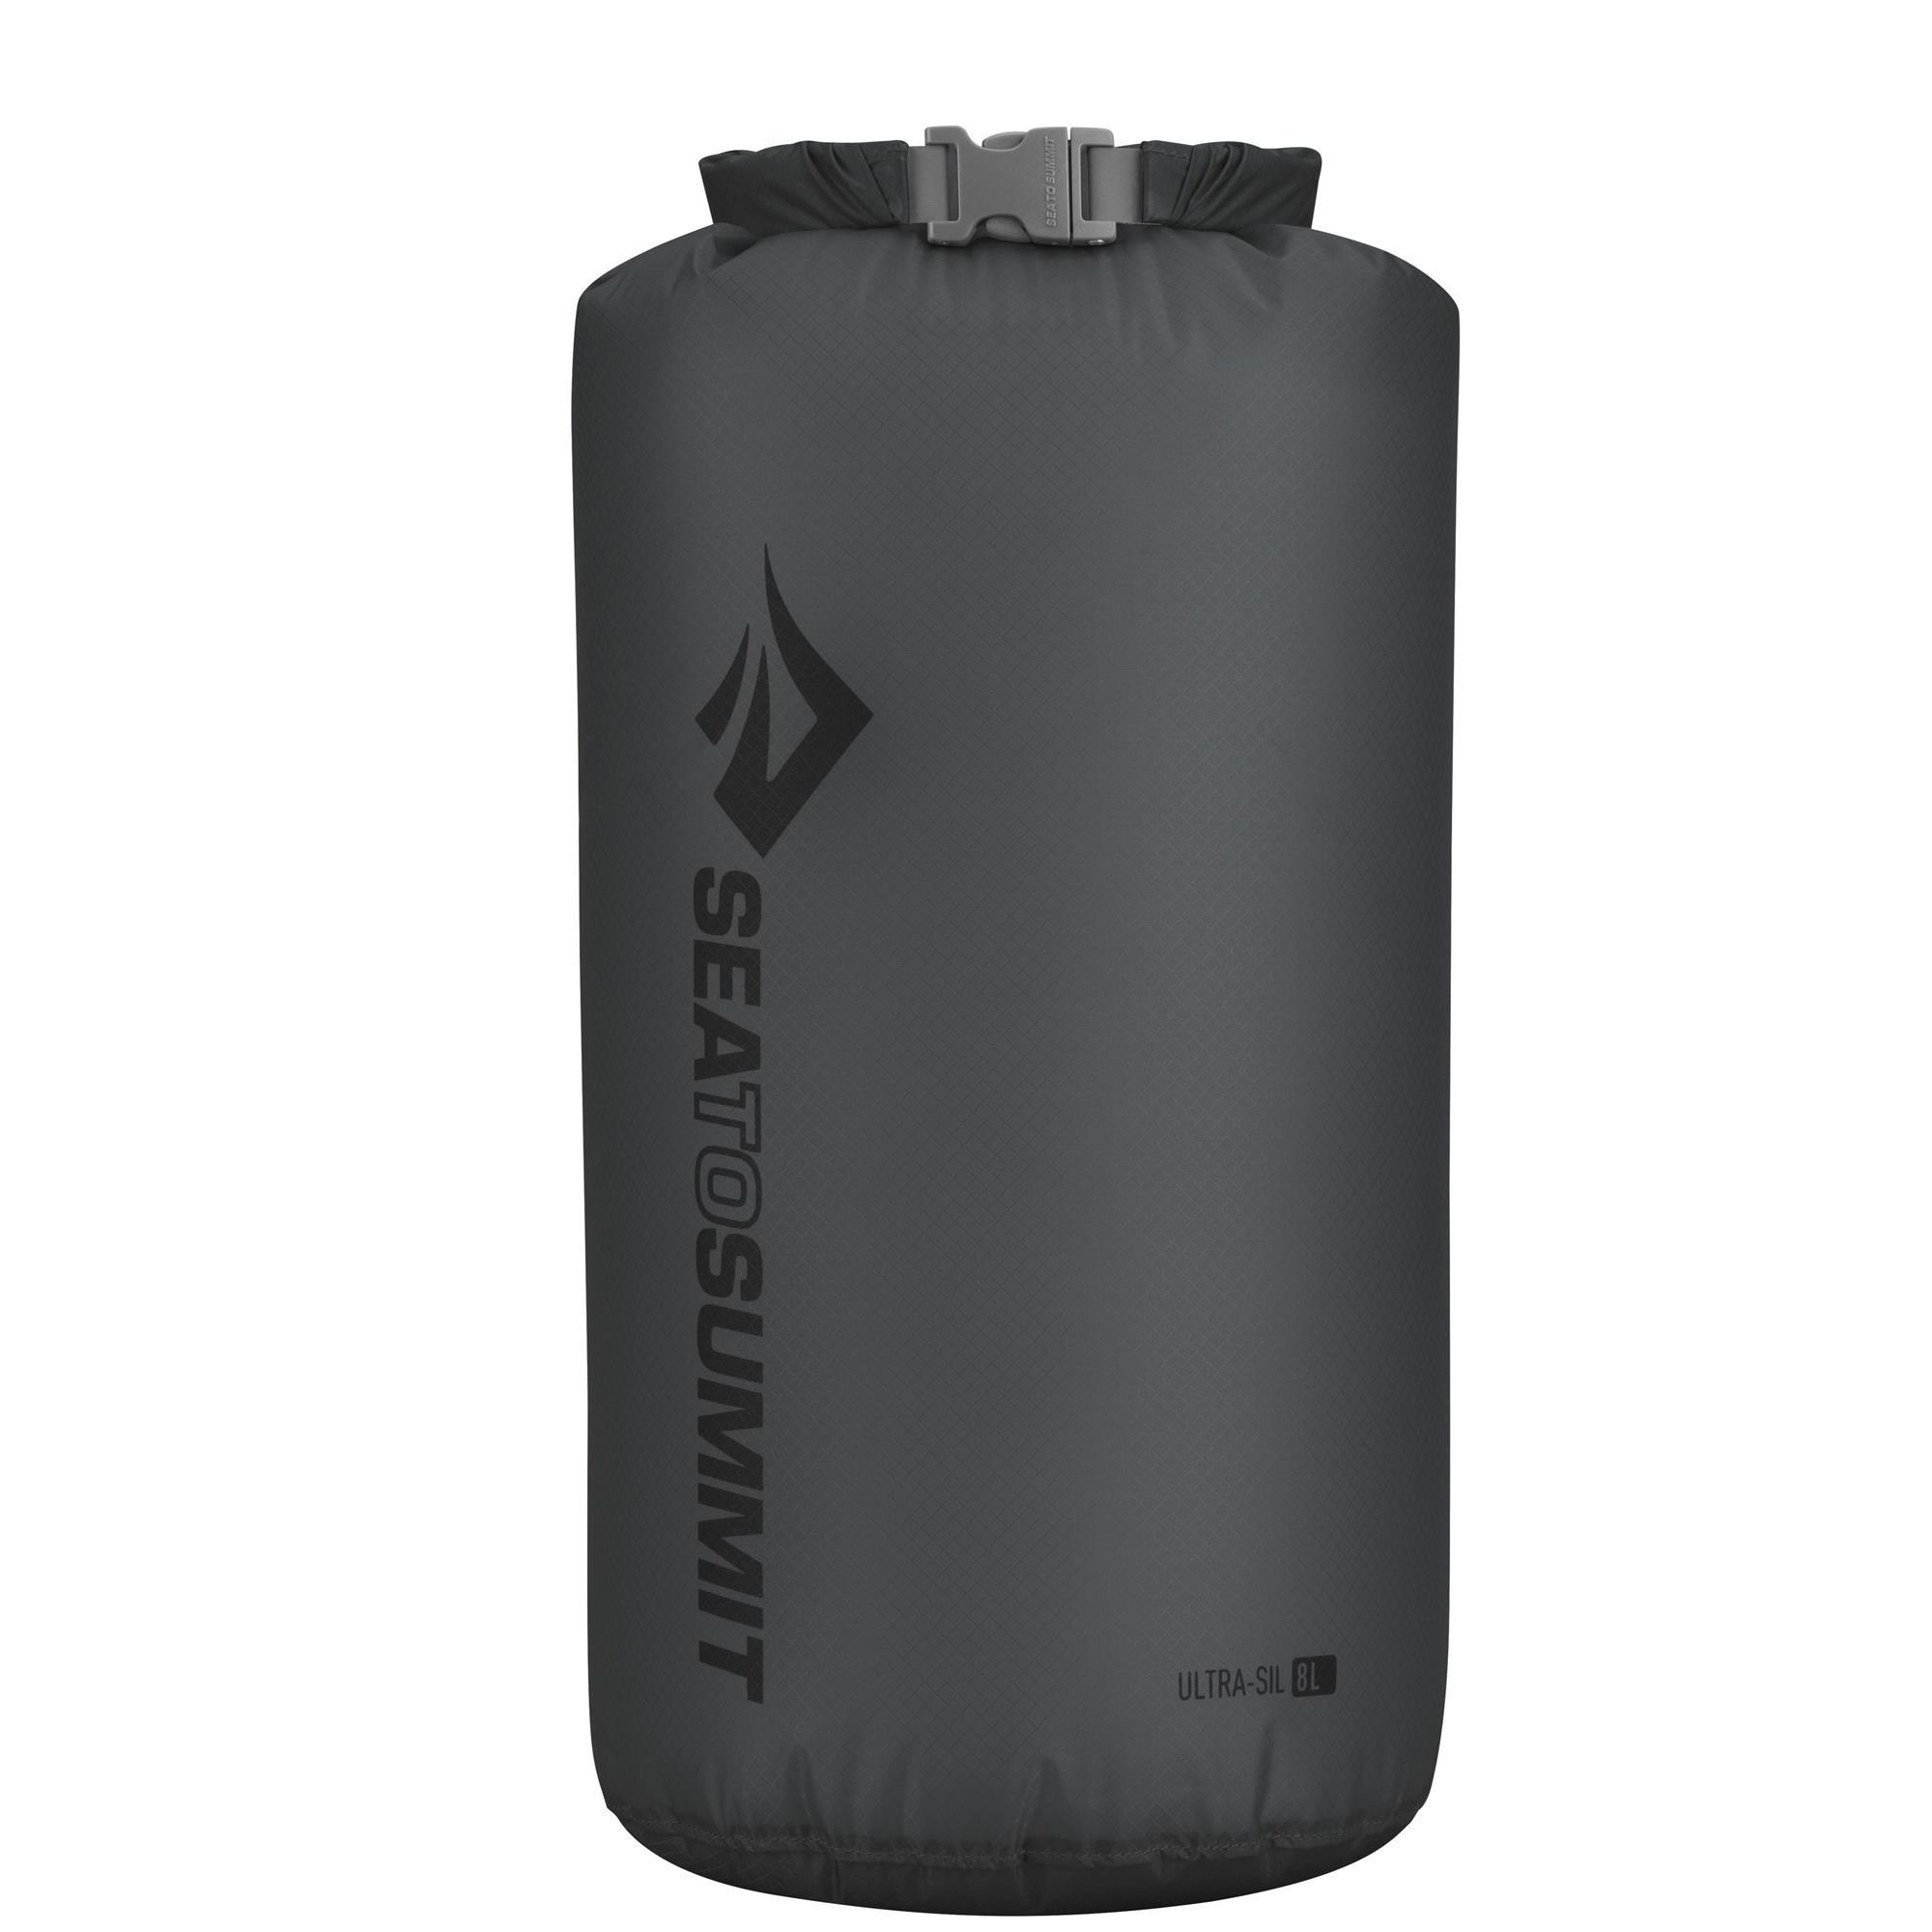 sea to summit Ultra-Sil Dry Sack 8L Packsack grau jetztbilligerkaufen